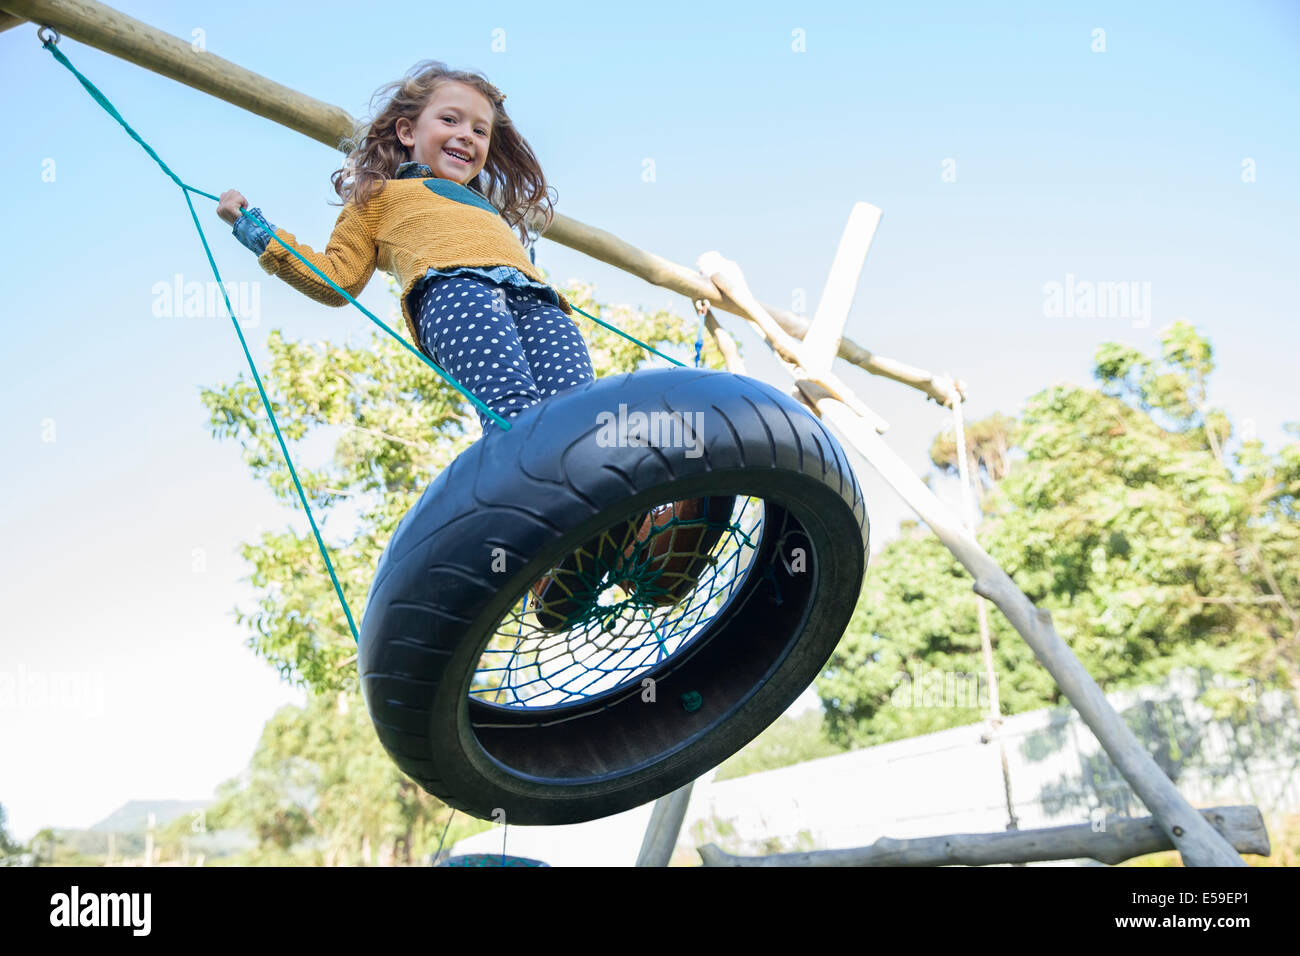 Mädchen spielen auf Reifenschaukel Stockbild